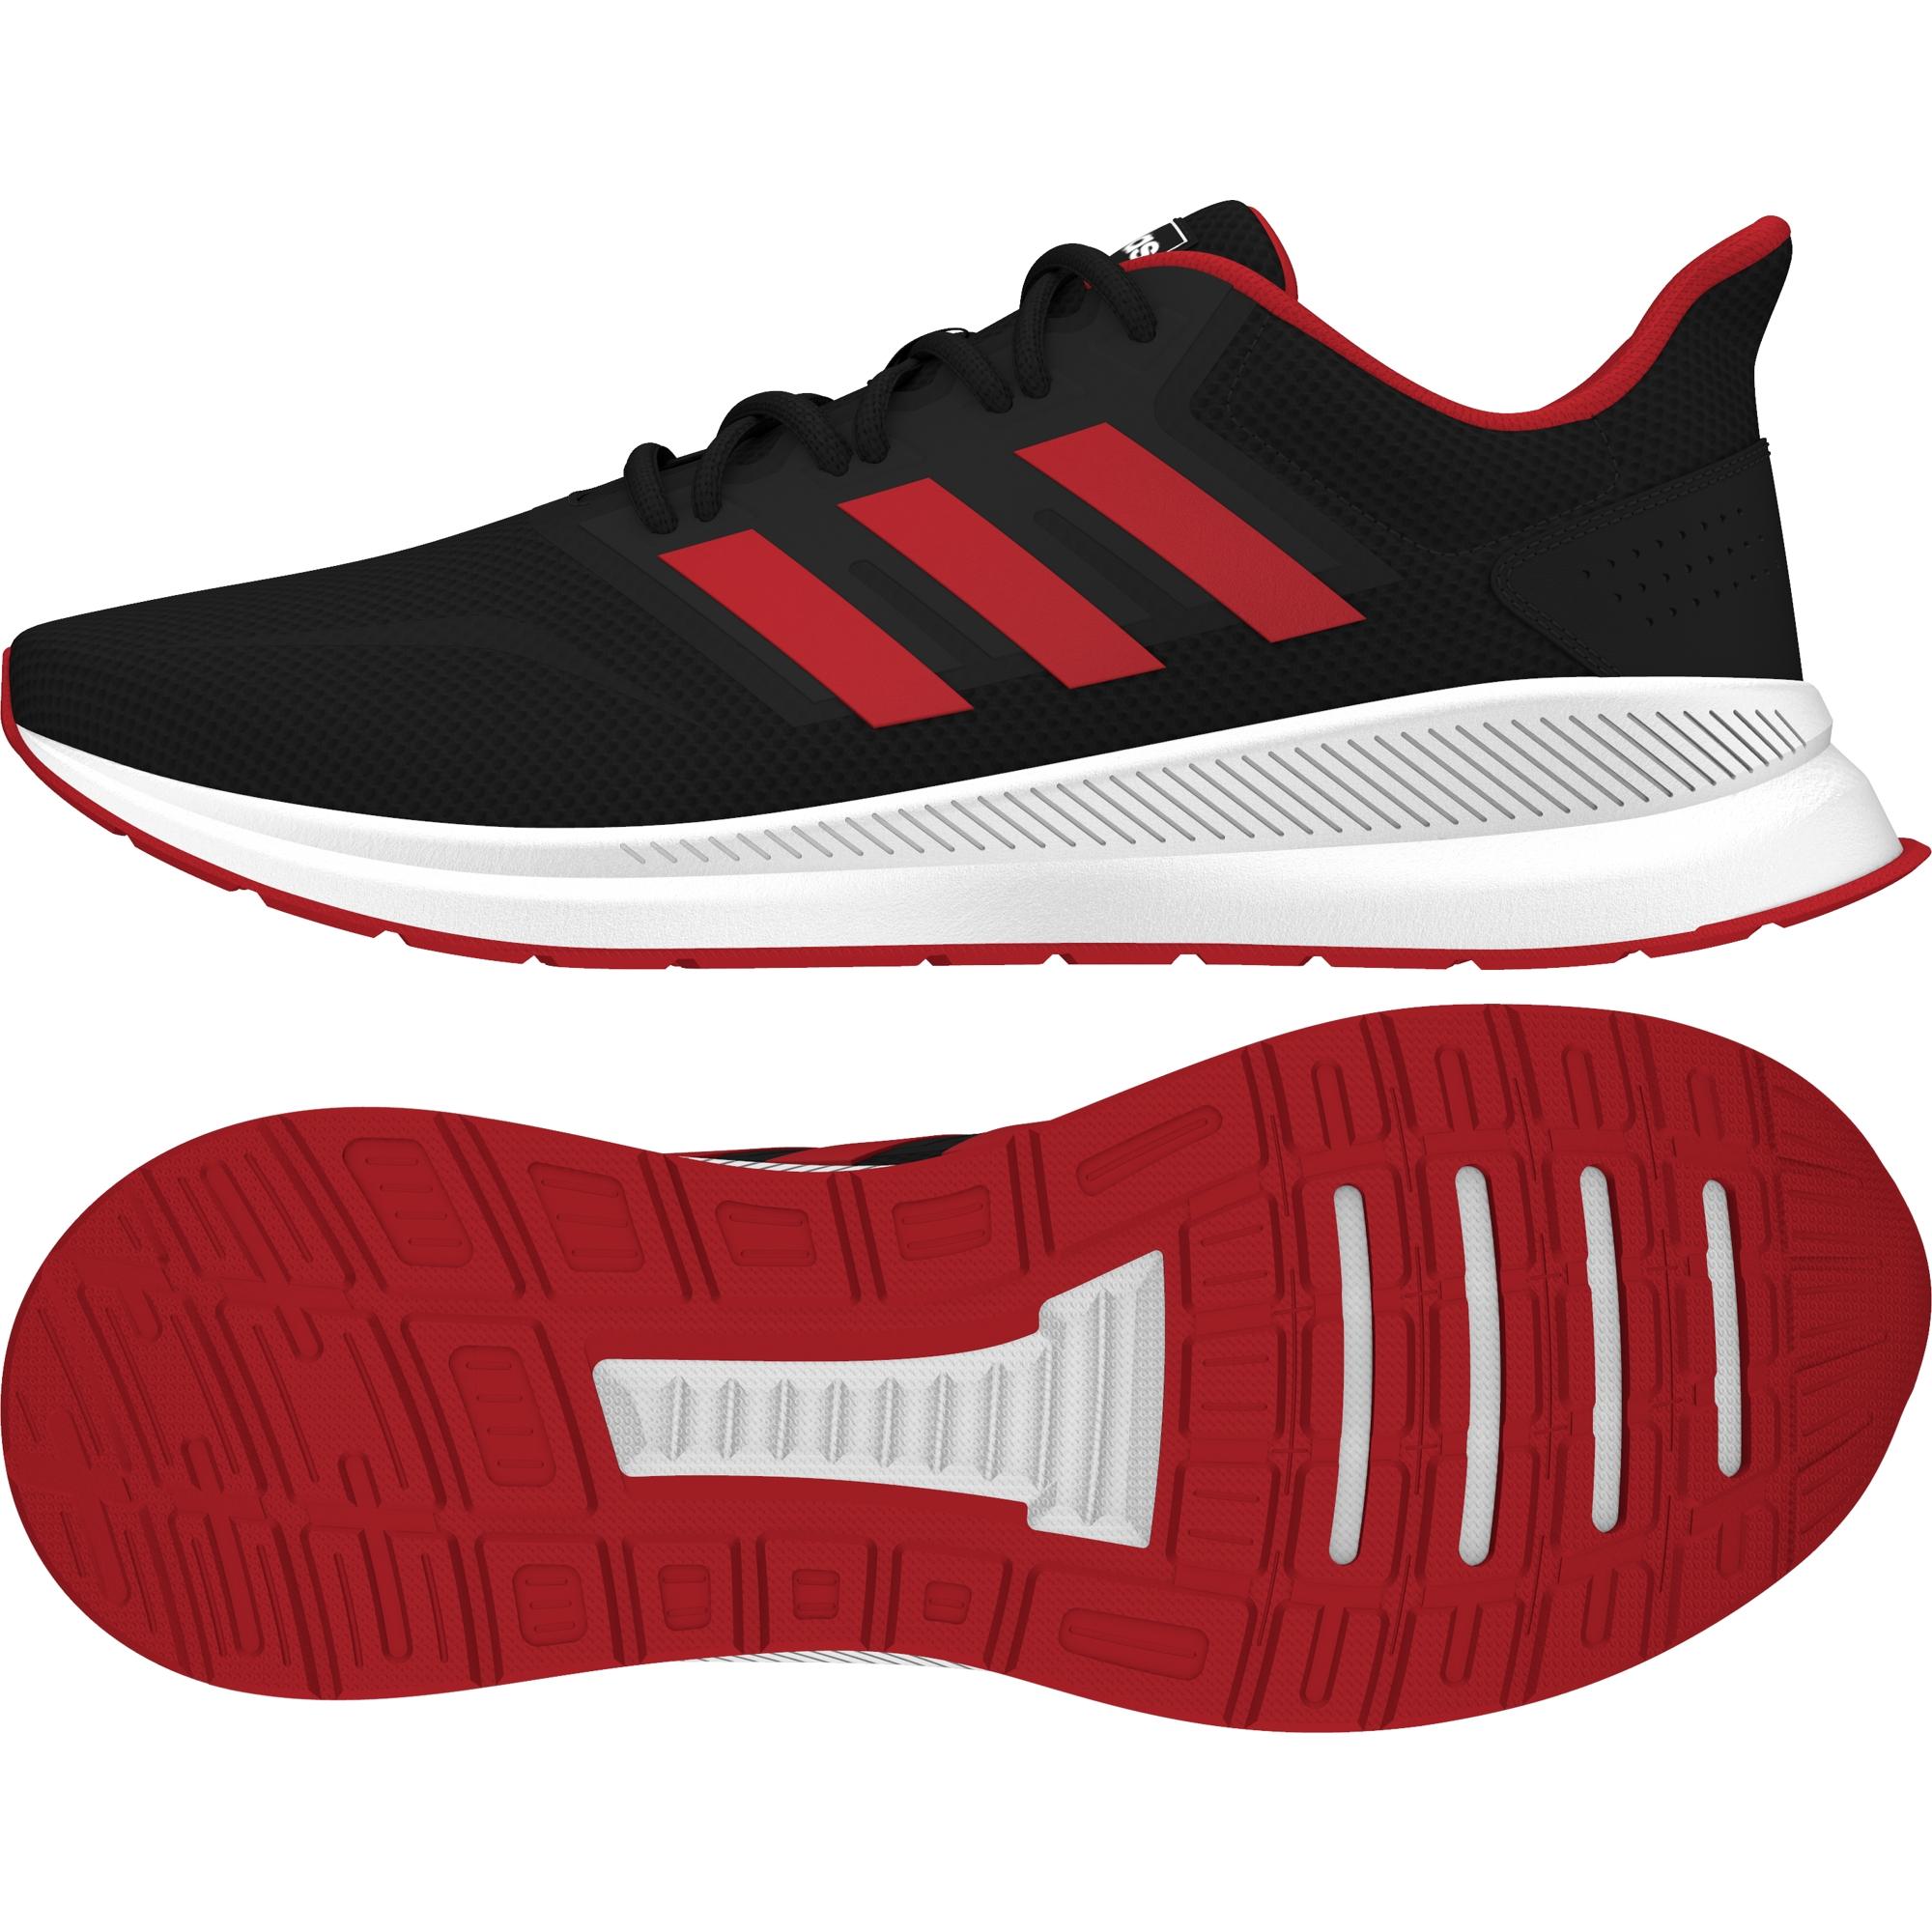 big sale 87986 0f512 Chaussures adidas Runfalcon